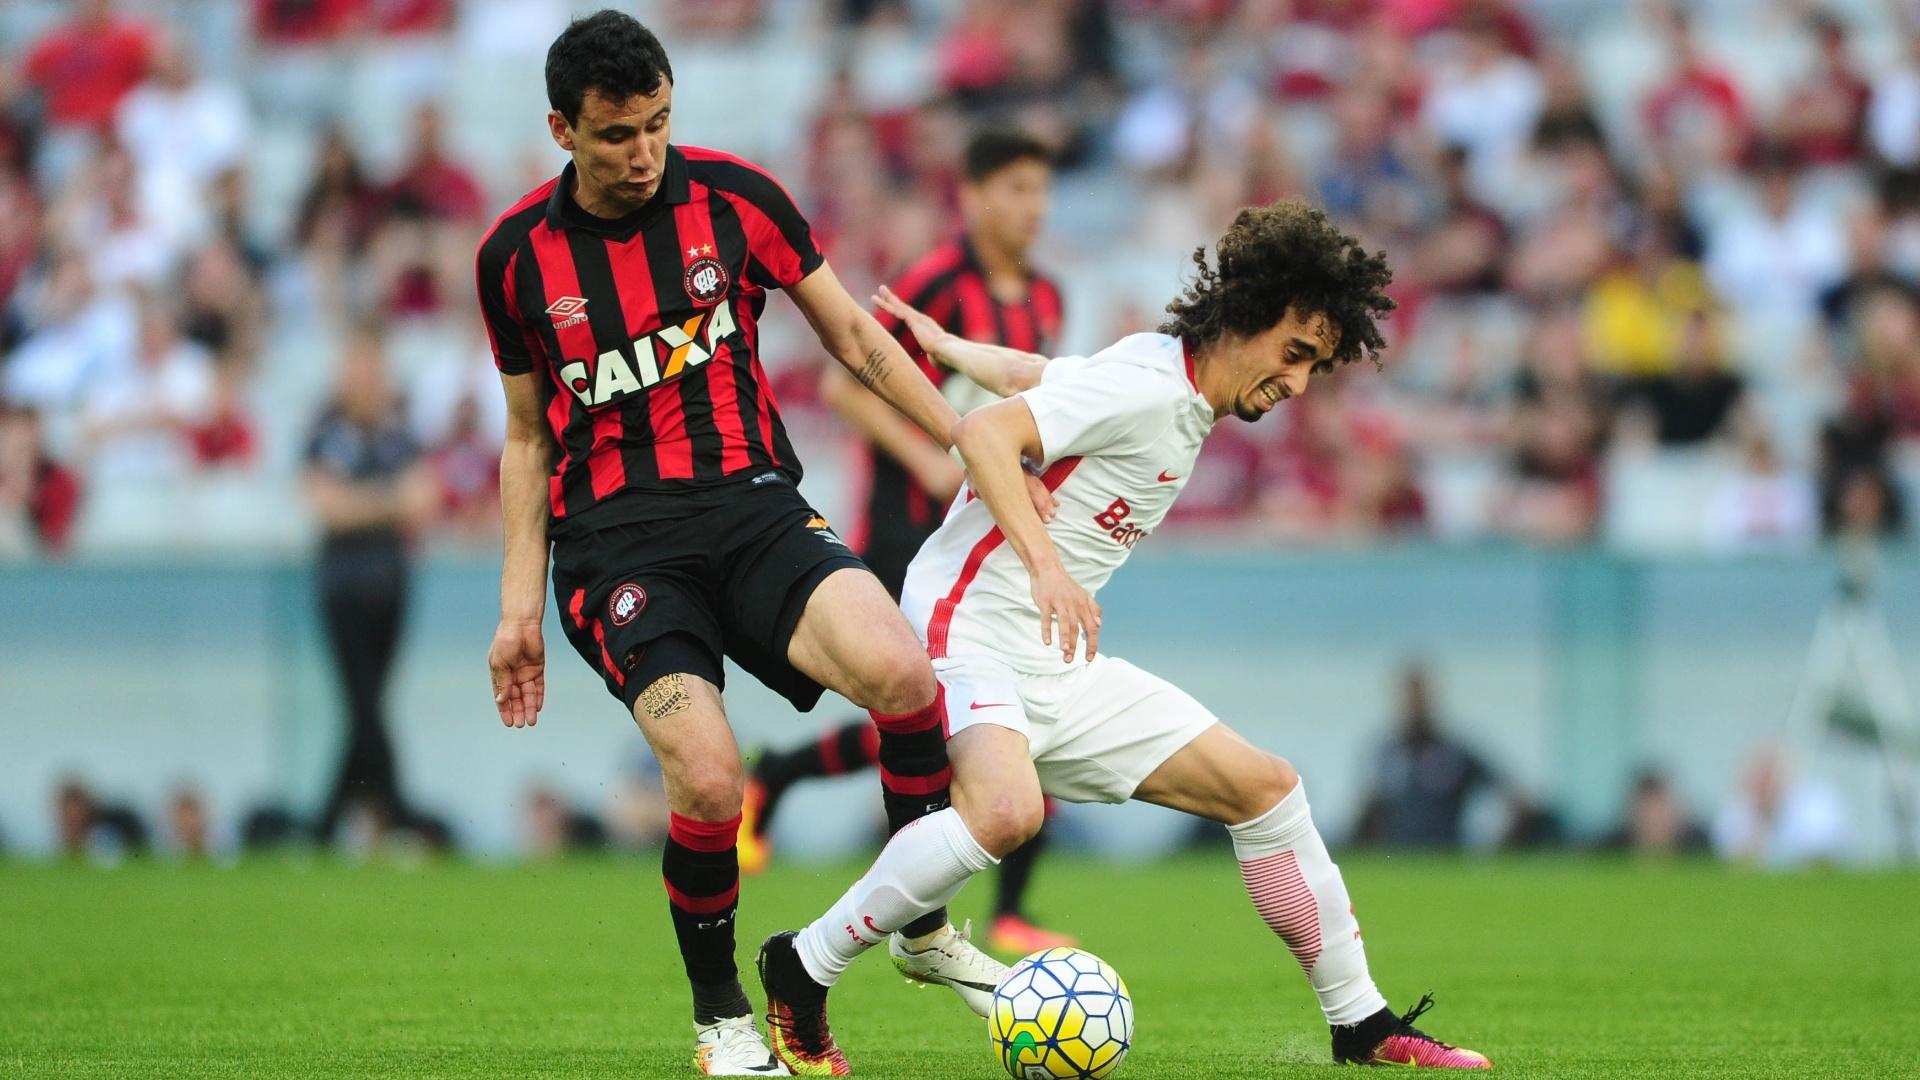 Valdivia disputa a bola com jogador do Atlético-PR no duelo entre Inter e Furacão pelo Brasileirão